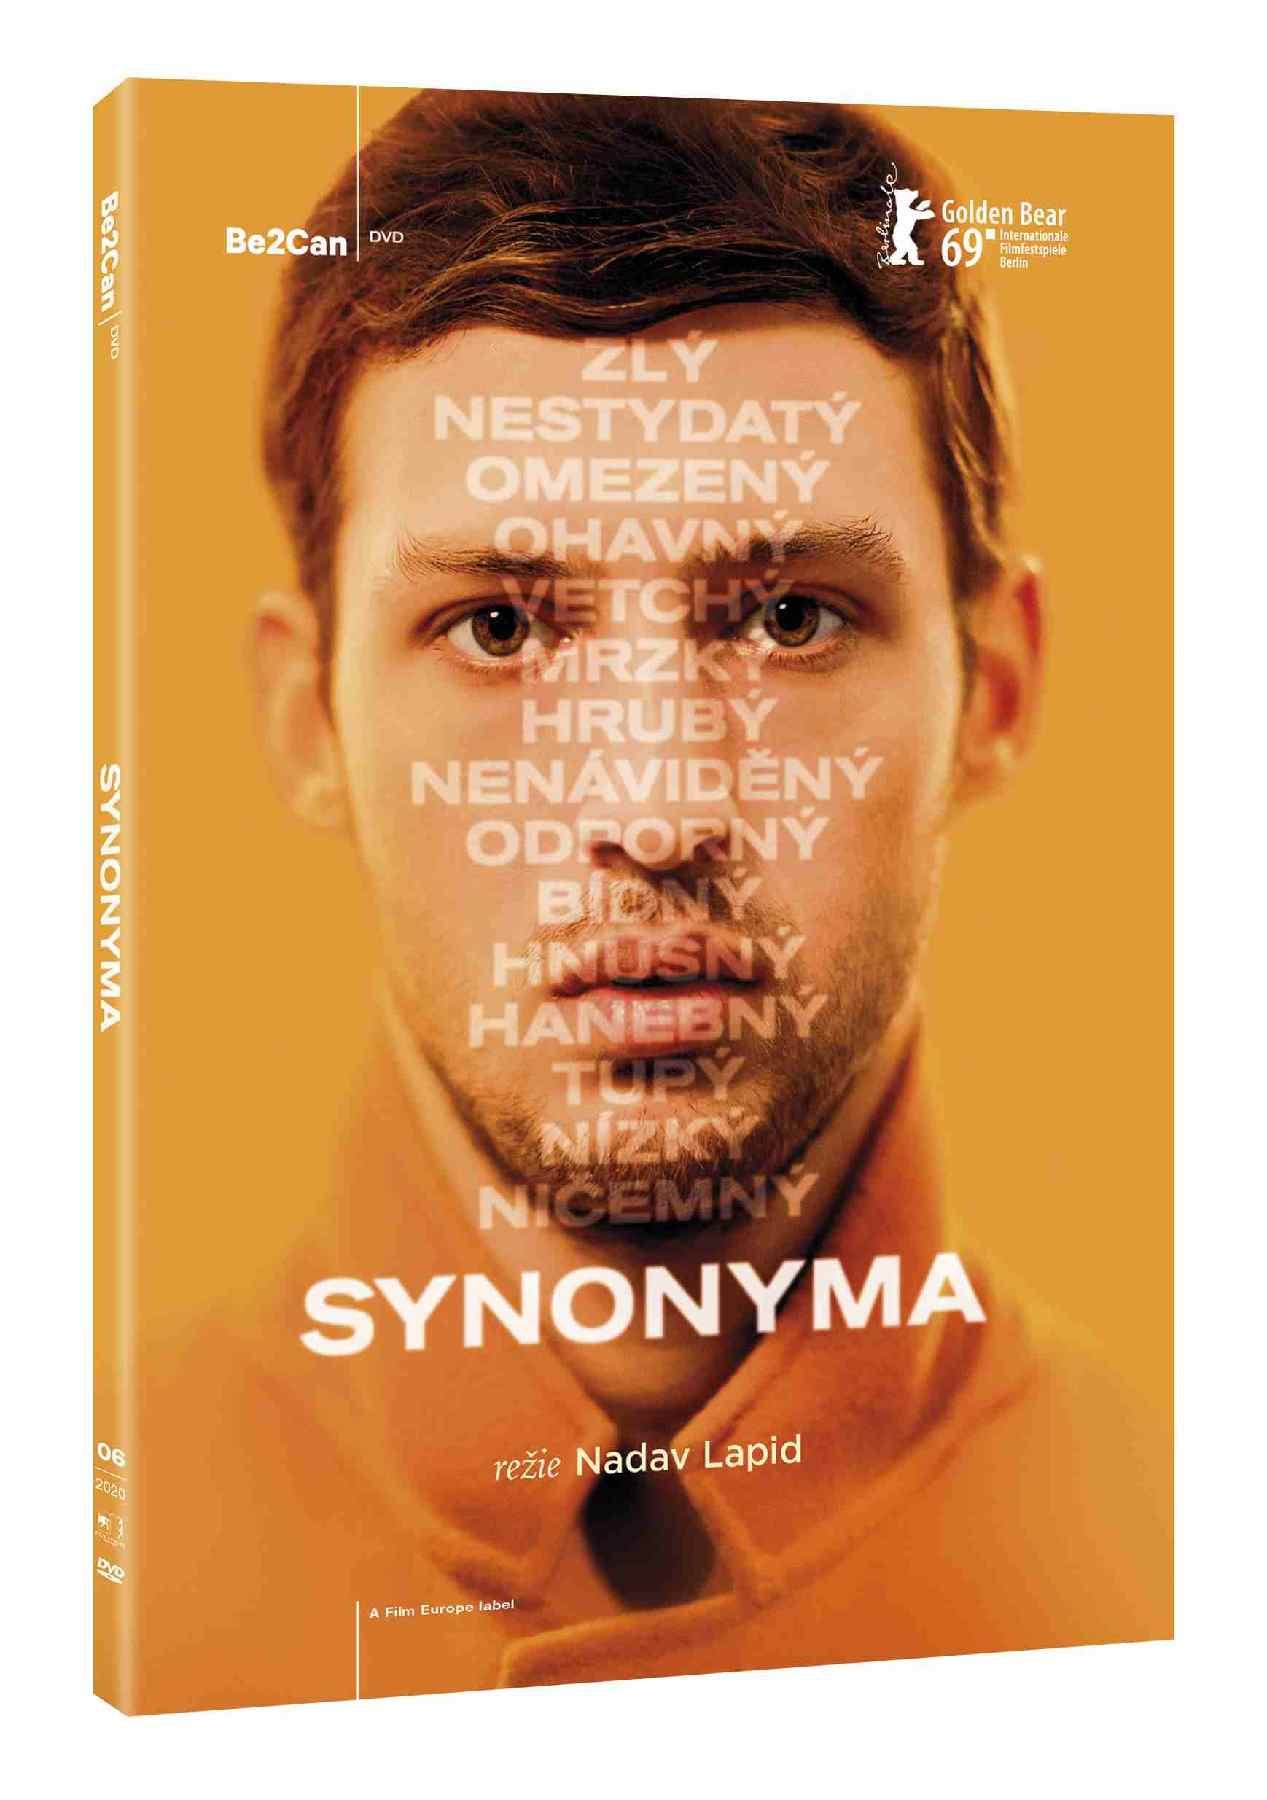 Synonyma - DVD